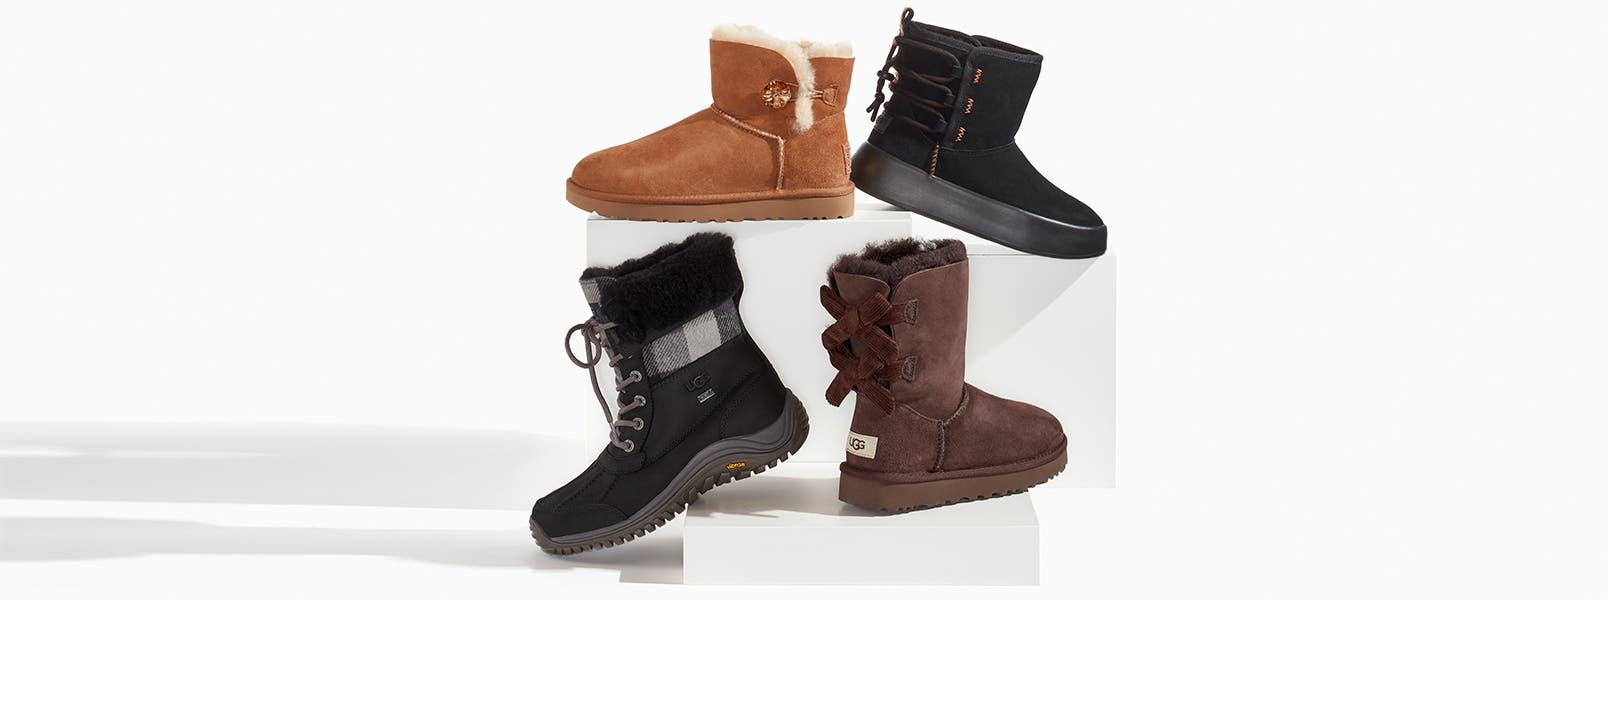 An assortment of winter boots.